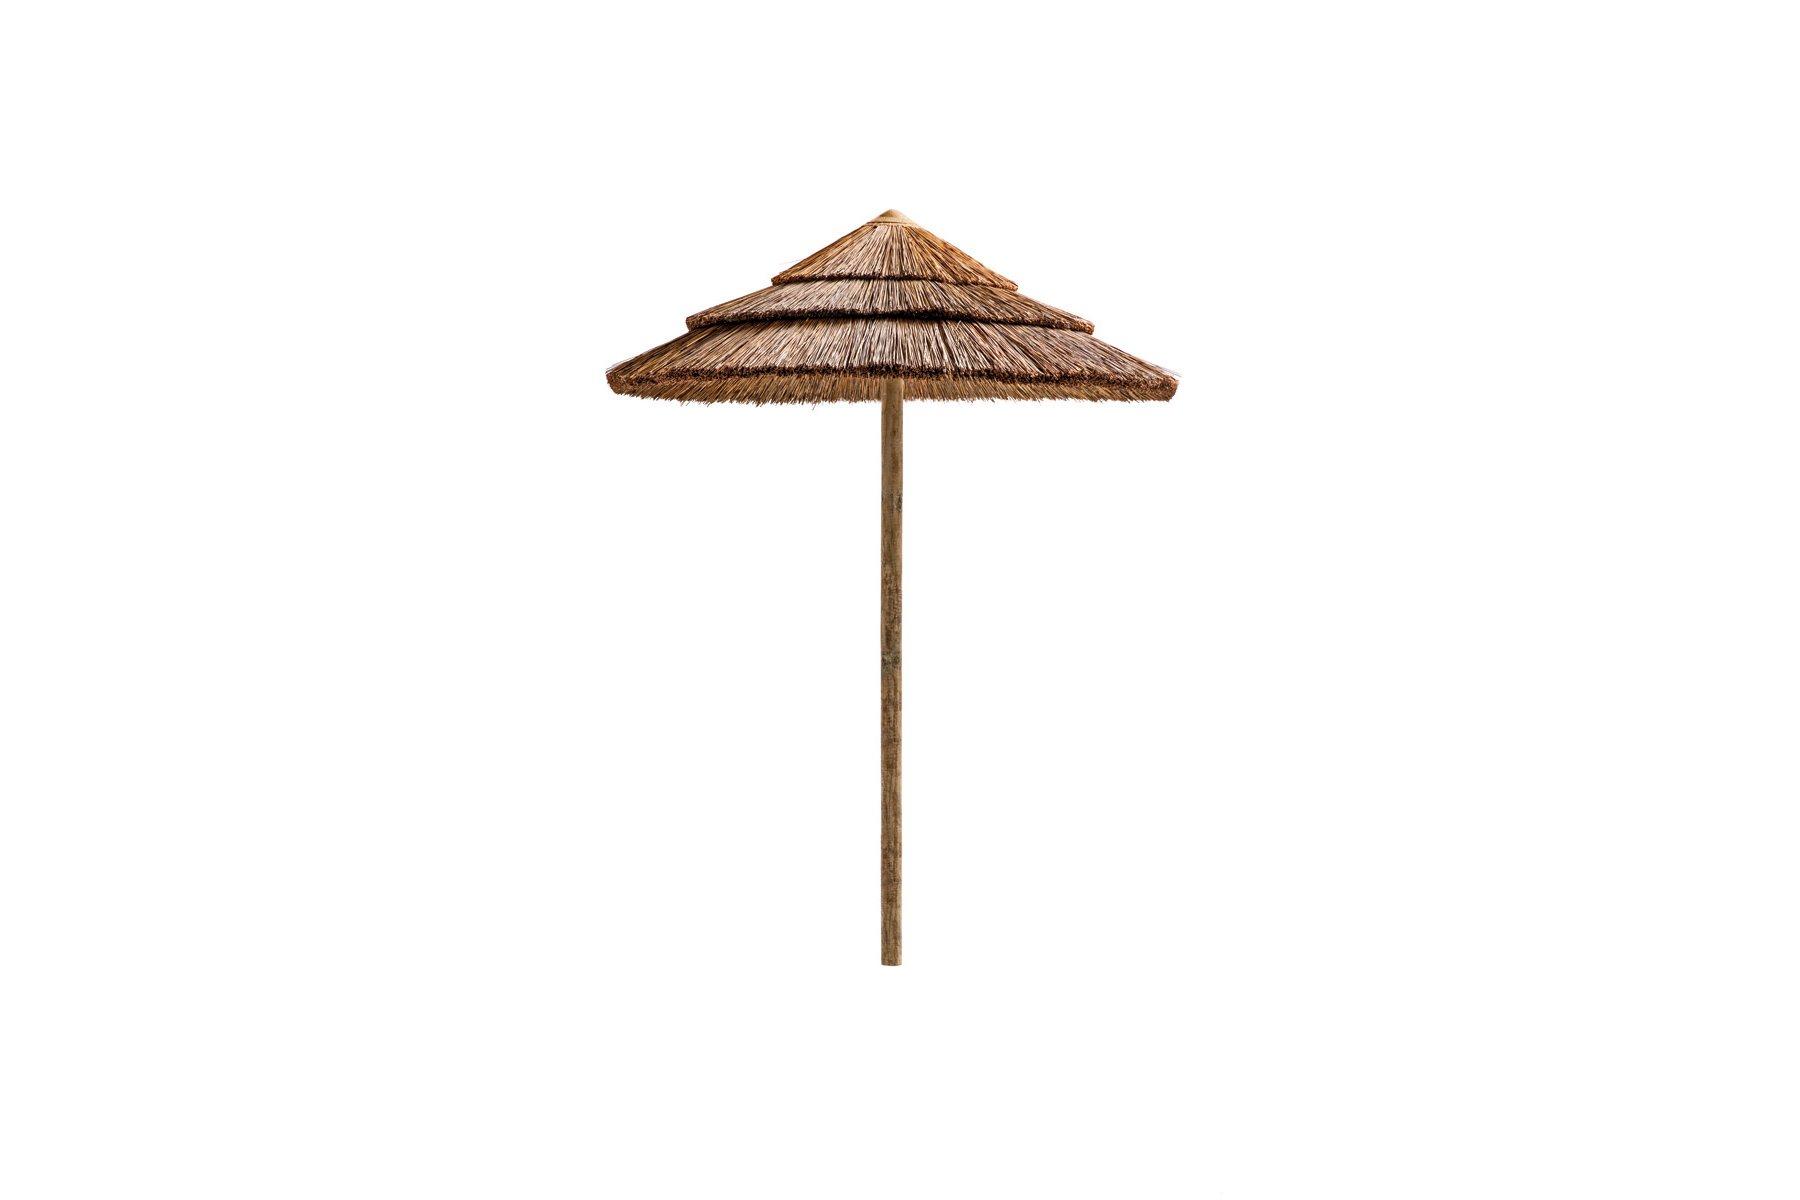 Visualizza dettagli ombrellone decorativo il giardino - Il giardino di legno ...